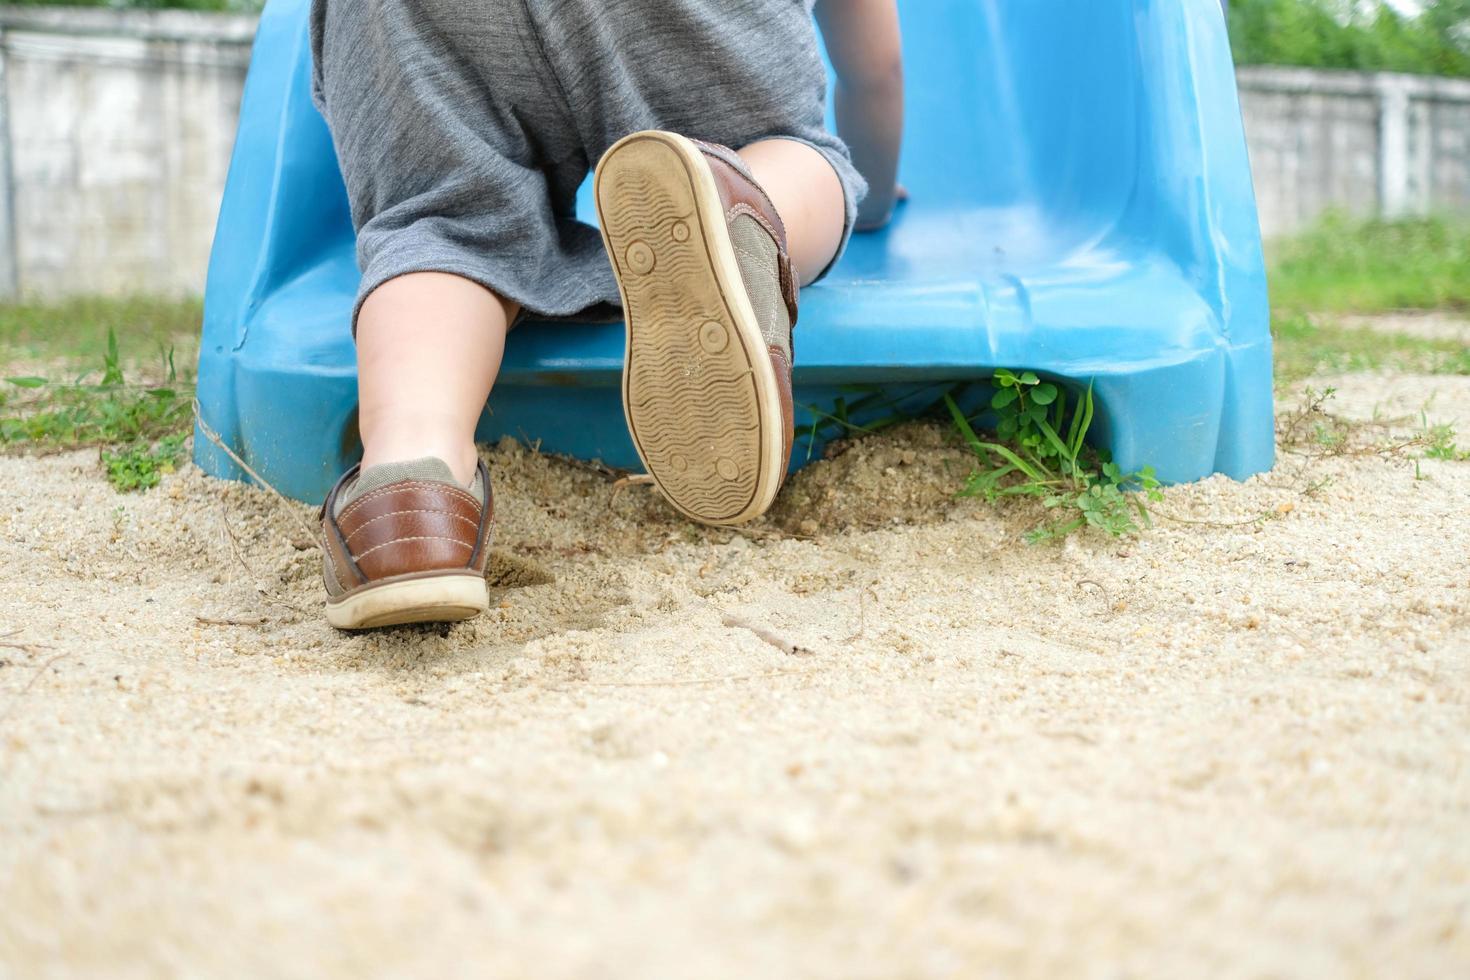 kleines Kind klettert auf Spielplatzrutsche foto